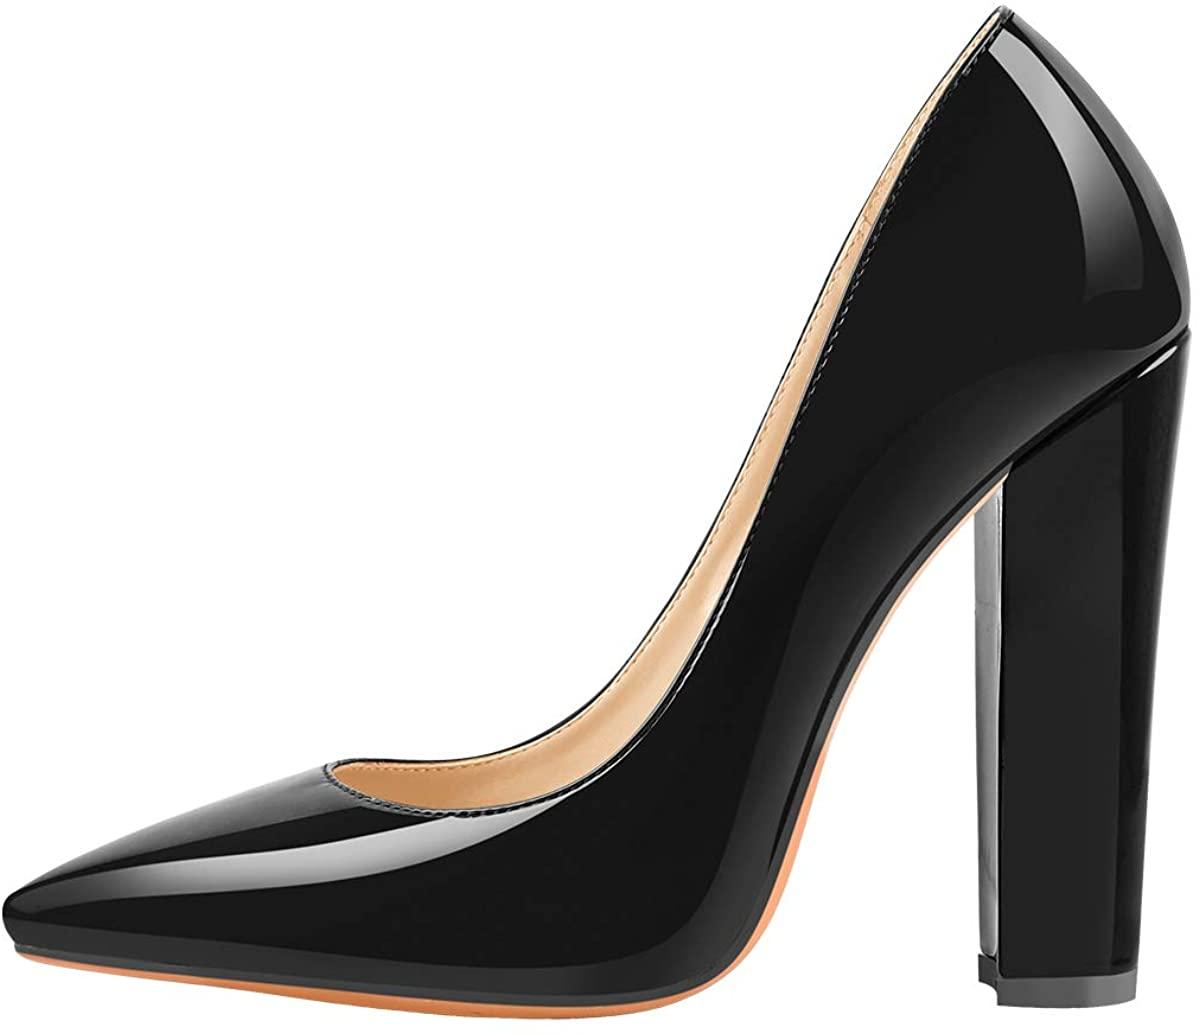 Richealnana Women's Pointed Toe Block Heel Pumps